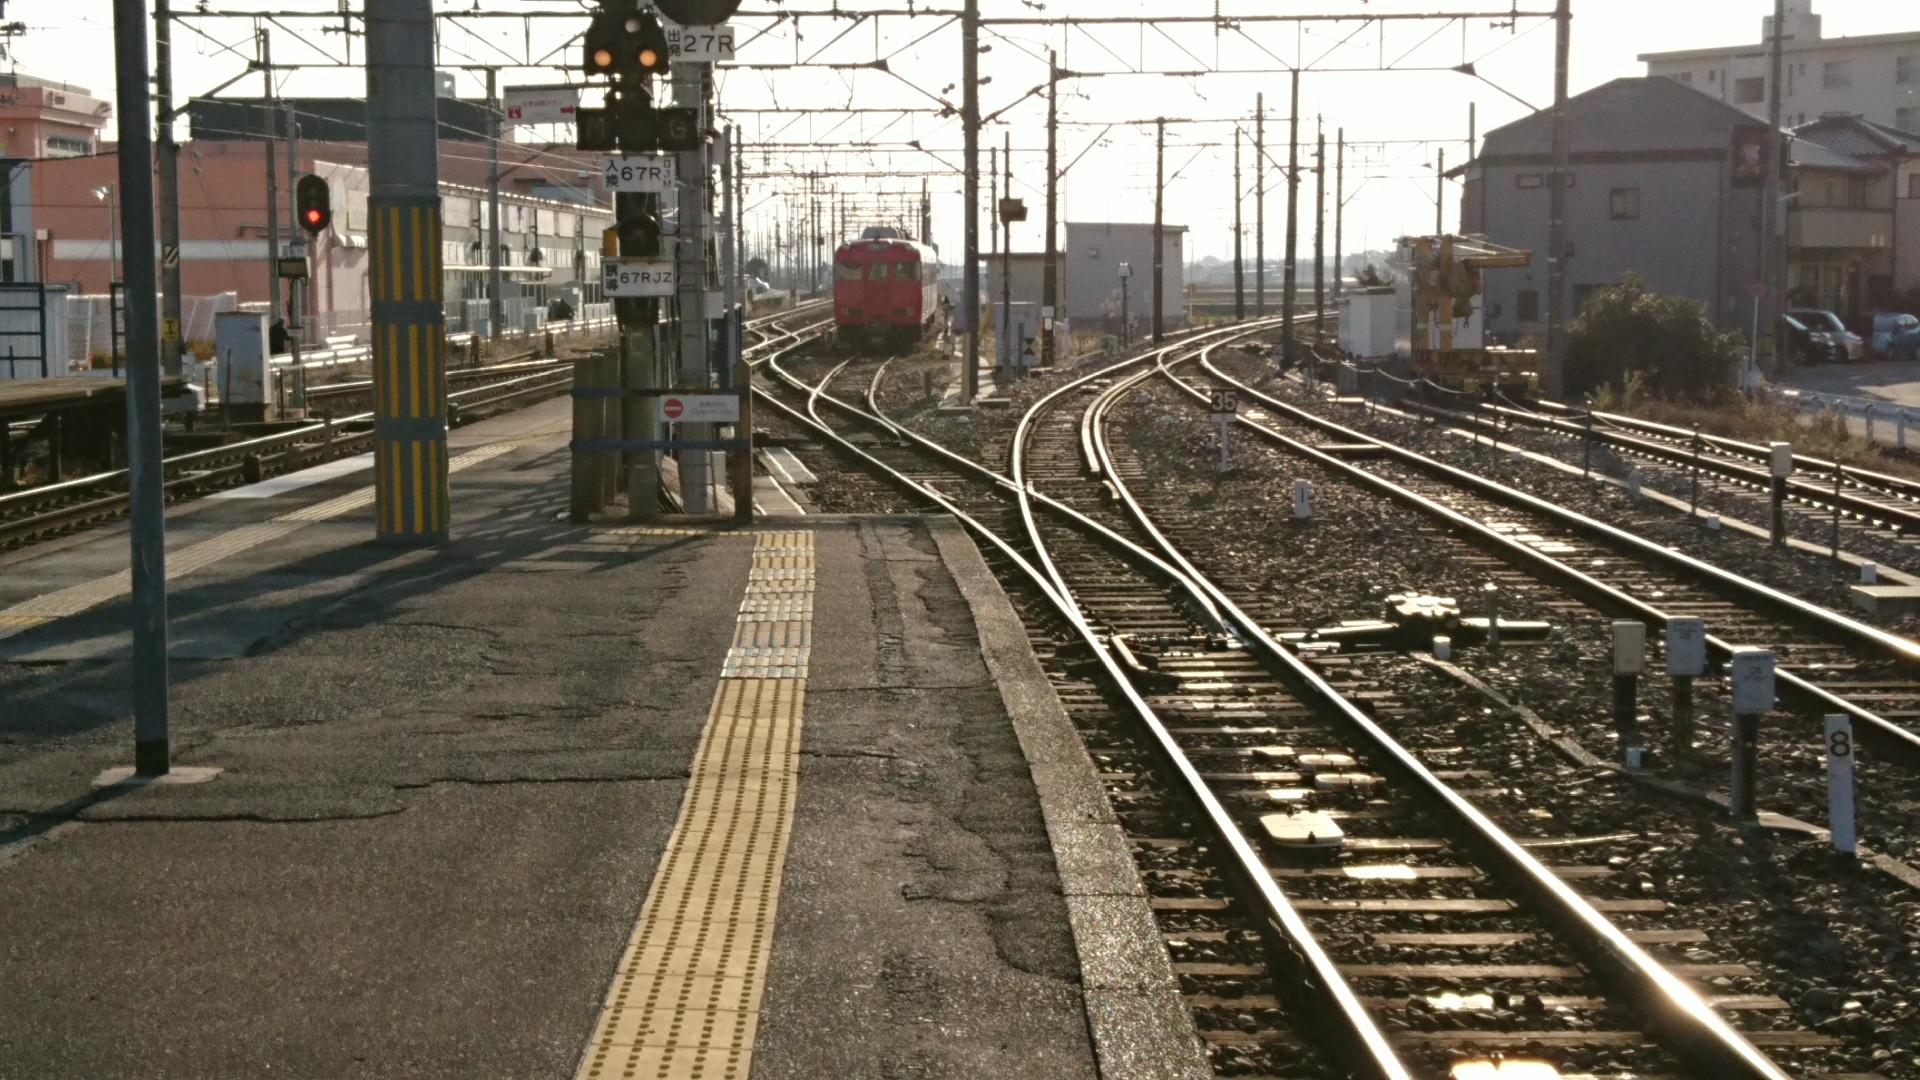 2017.1.13 名古屋まで (5) しんあんじょう - 留置線電車 1920-1080